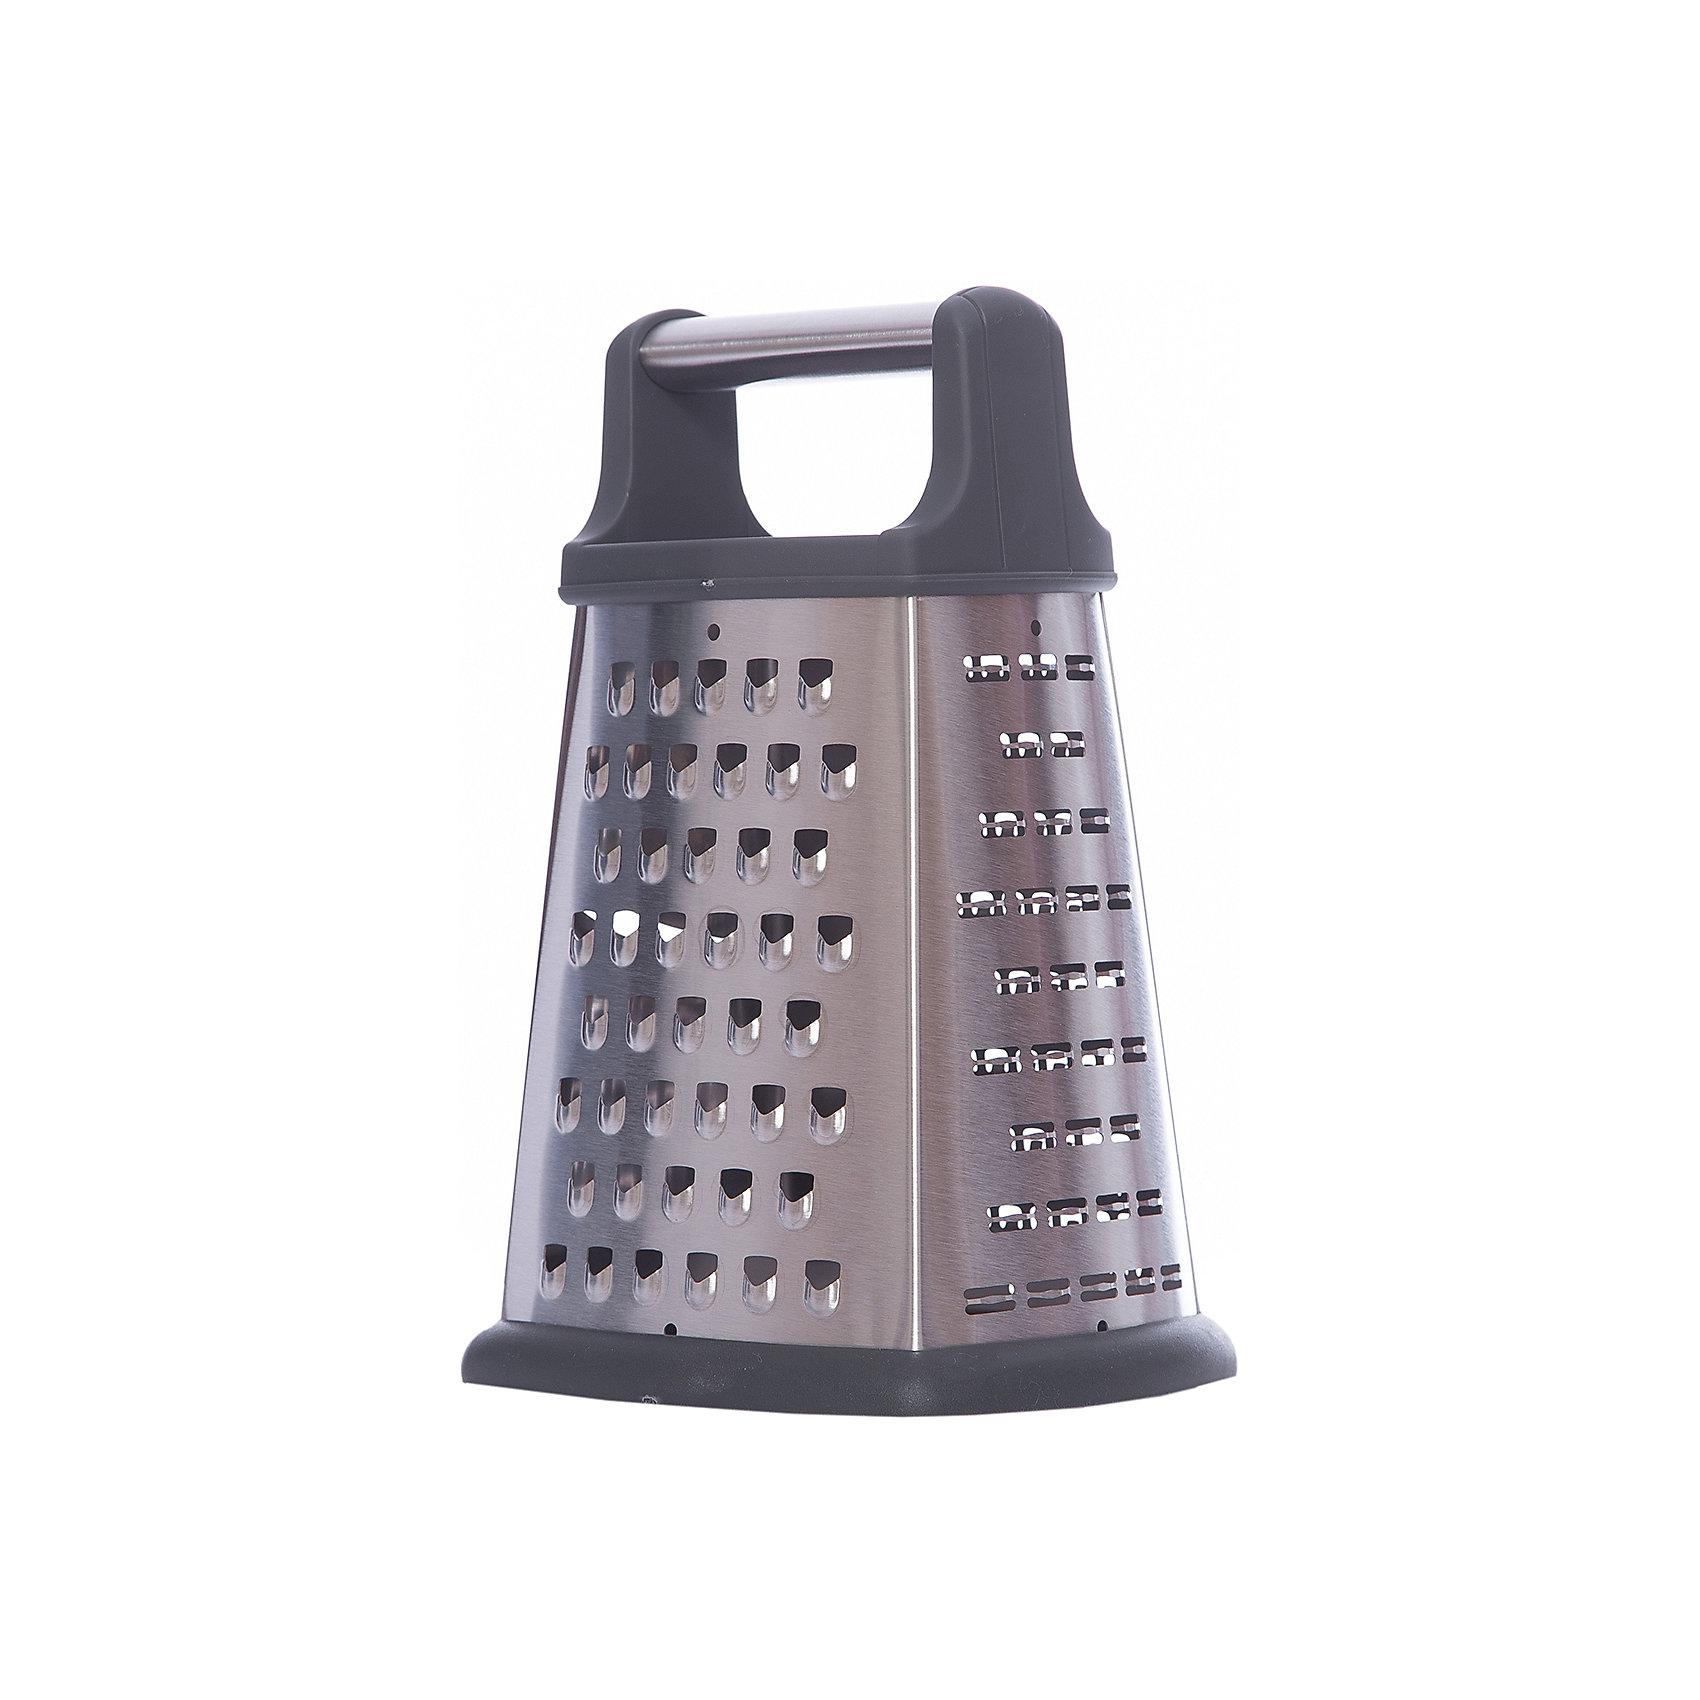 Терка четырехгранная LEO-GR-052-8, LeonordБытовая техника для кухни<br>Терка четырехгранная LEO-GR-052-8, высота: 20см,  стальная ручка  (TPR, нерж.сталь) Leonord<br><br>Ширина мм: 140<br>Глубина мм: 120<br>Высота мм: 210<br>Вес г: 367<br>Возраст от месяцев: 216<br>Возраст до месяцев: 1188<br>Пол: Унисекс<br>Возраст: Детский<br>SKU: 5622834